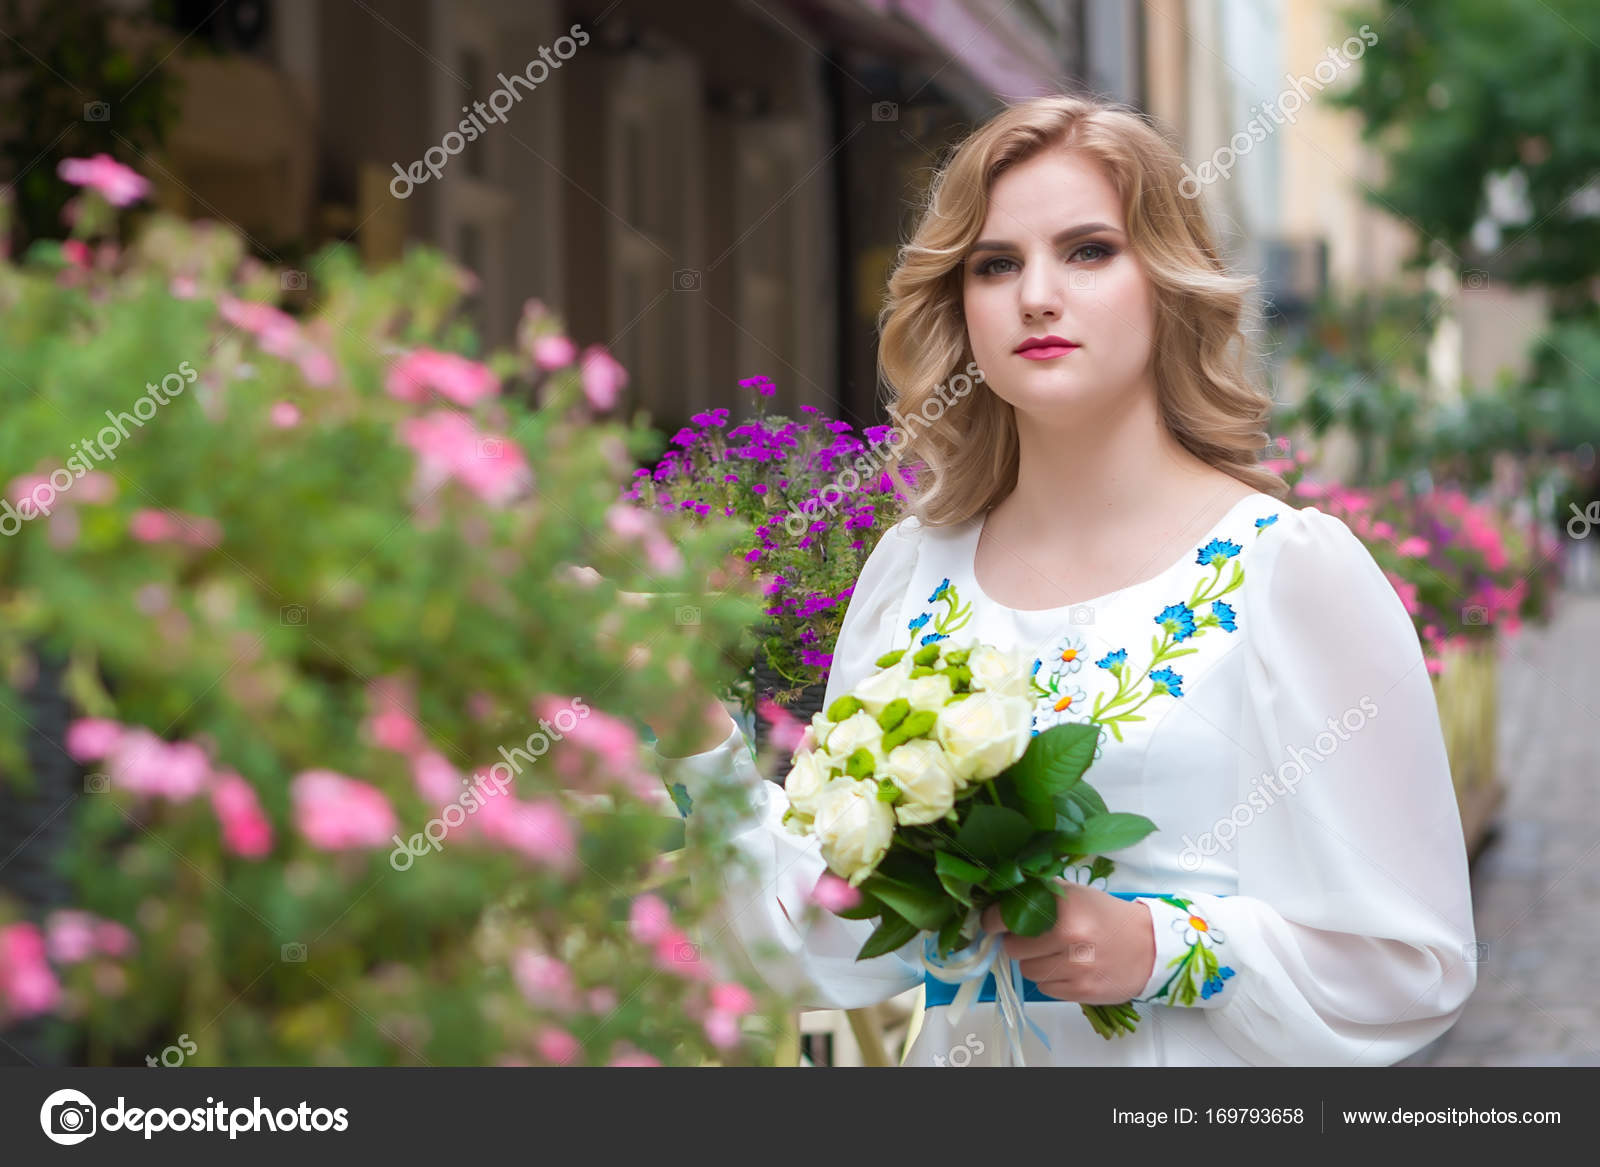 Hochzeit Schone Madchen Mit Einem Brautstrauss Posiert In Der Nahe